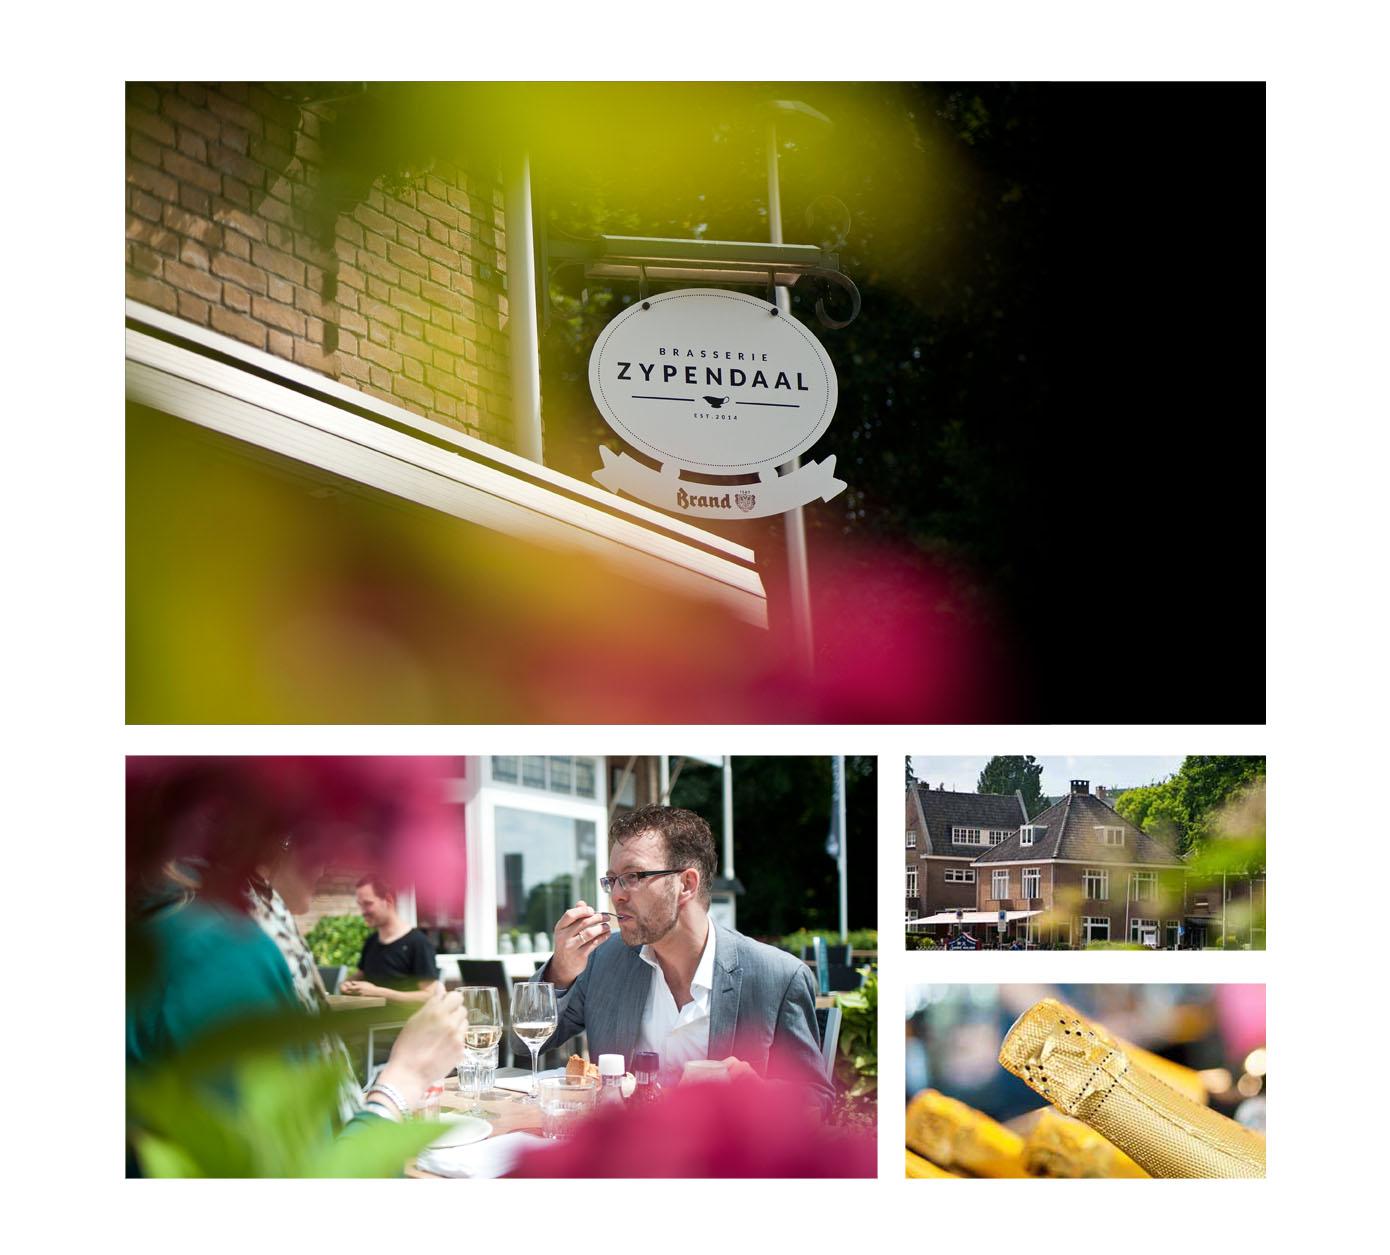 Fotografie Brasserie Zypendaal